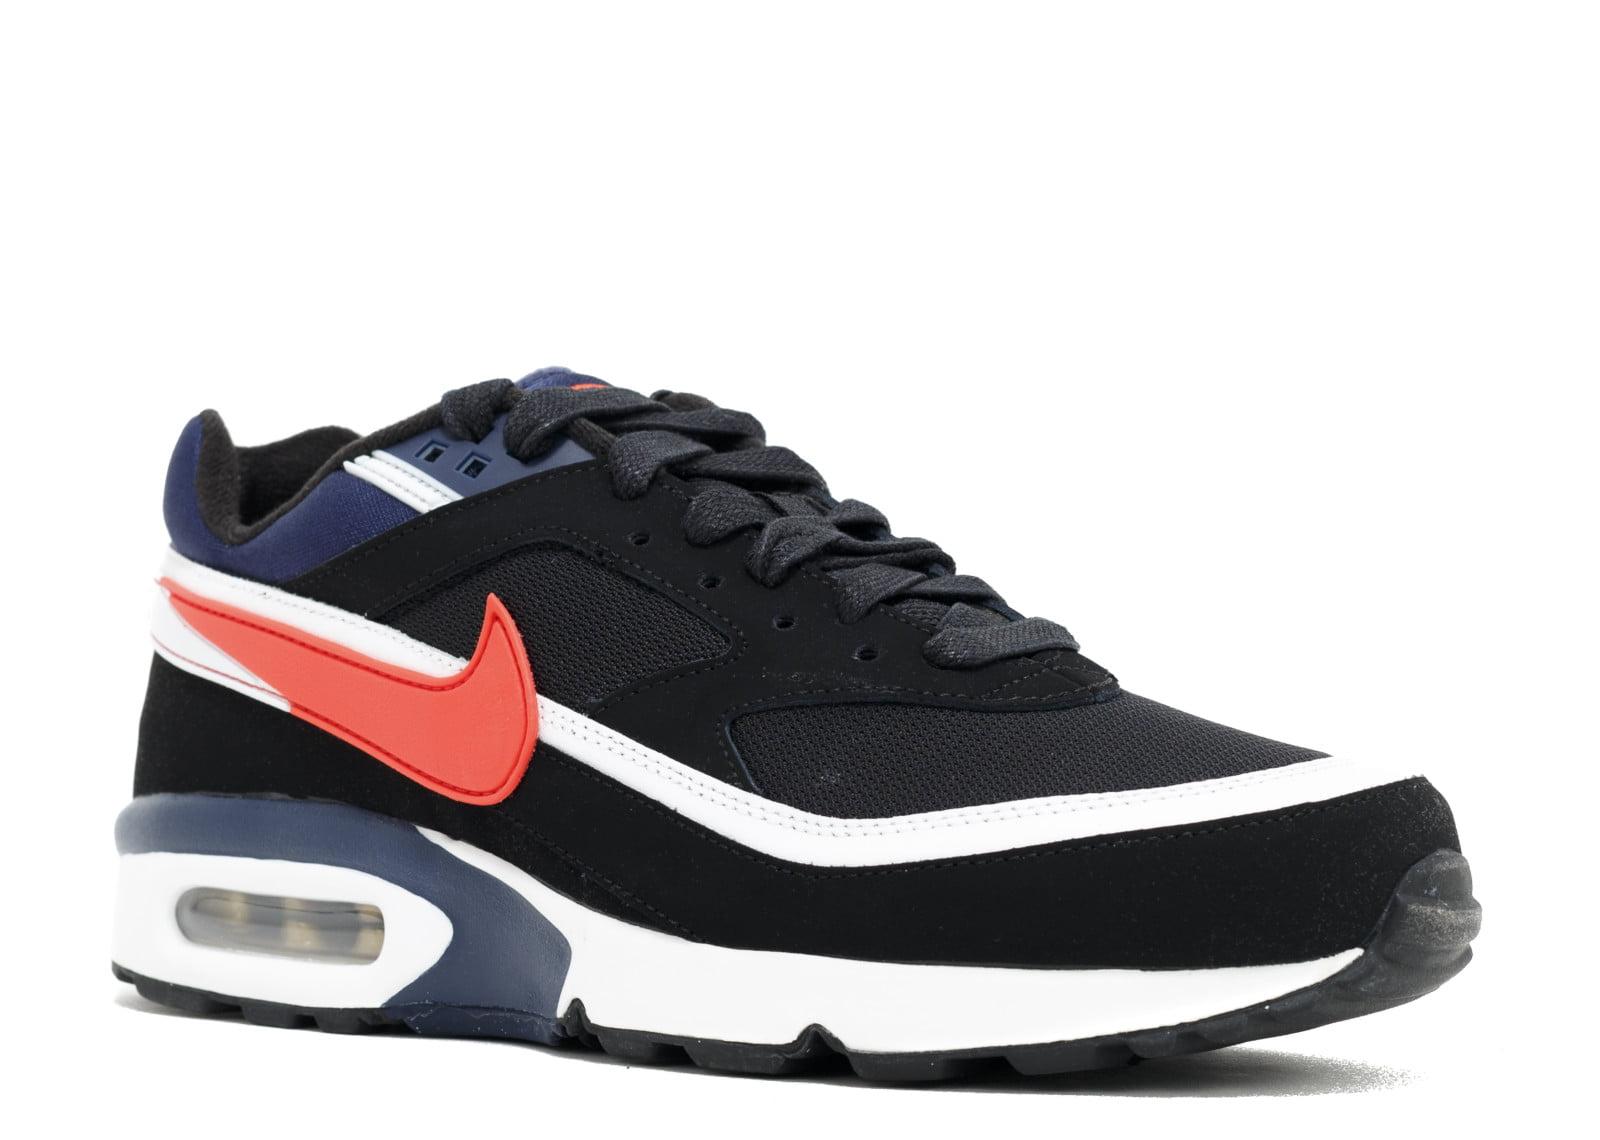 Nike - Men - Air Max Bw Premium